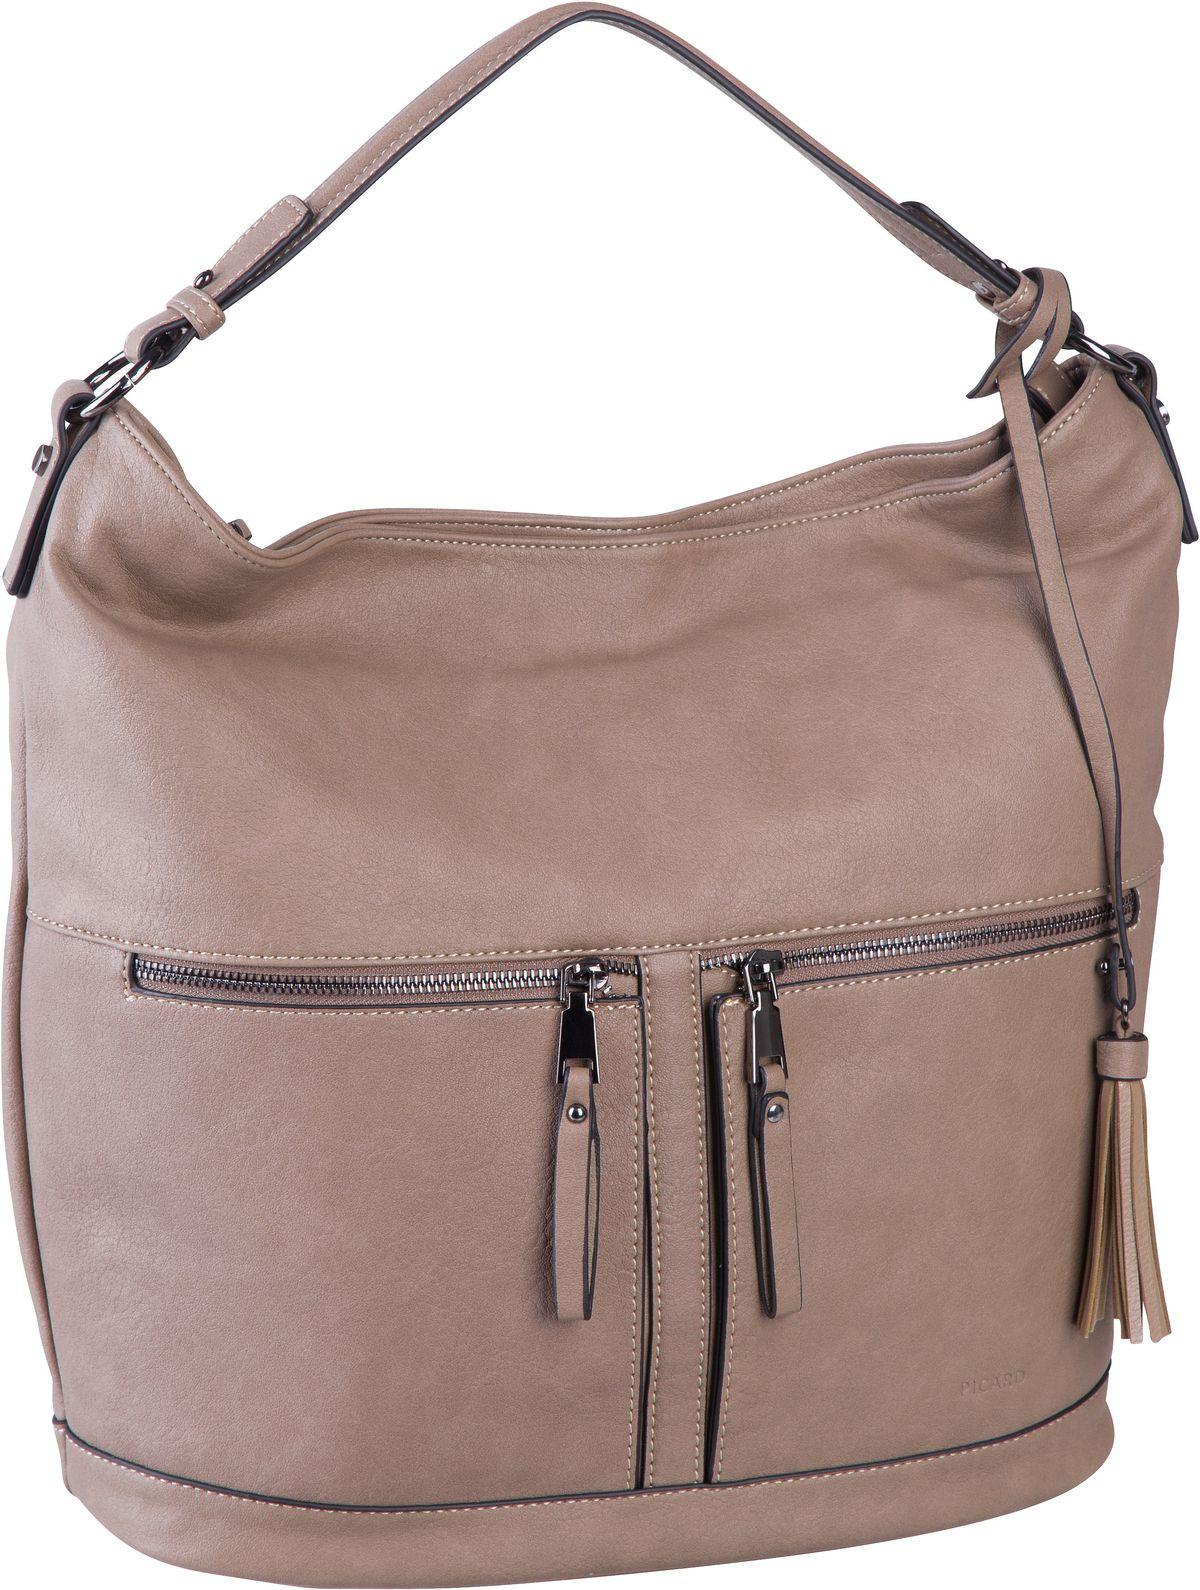 Handtasche Mellow 2742 Nougat